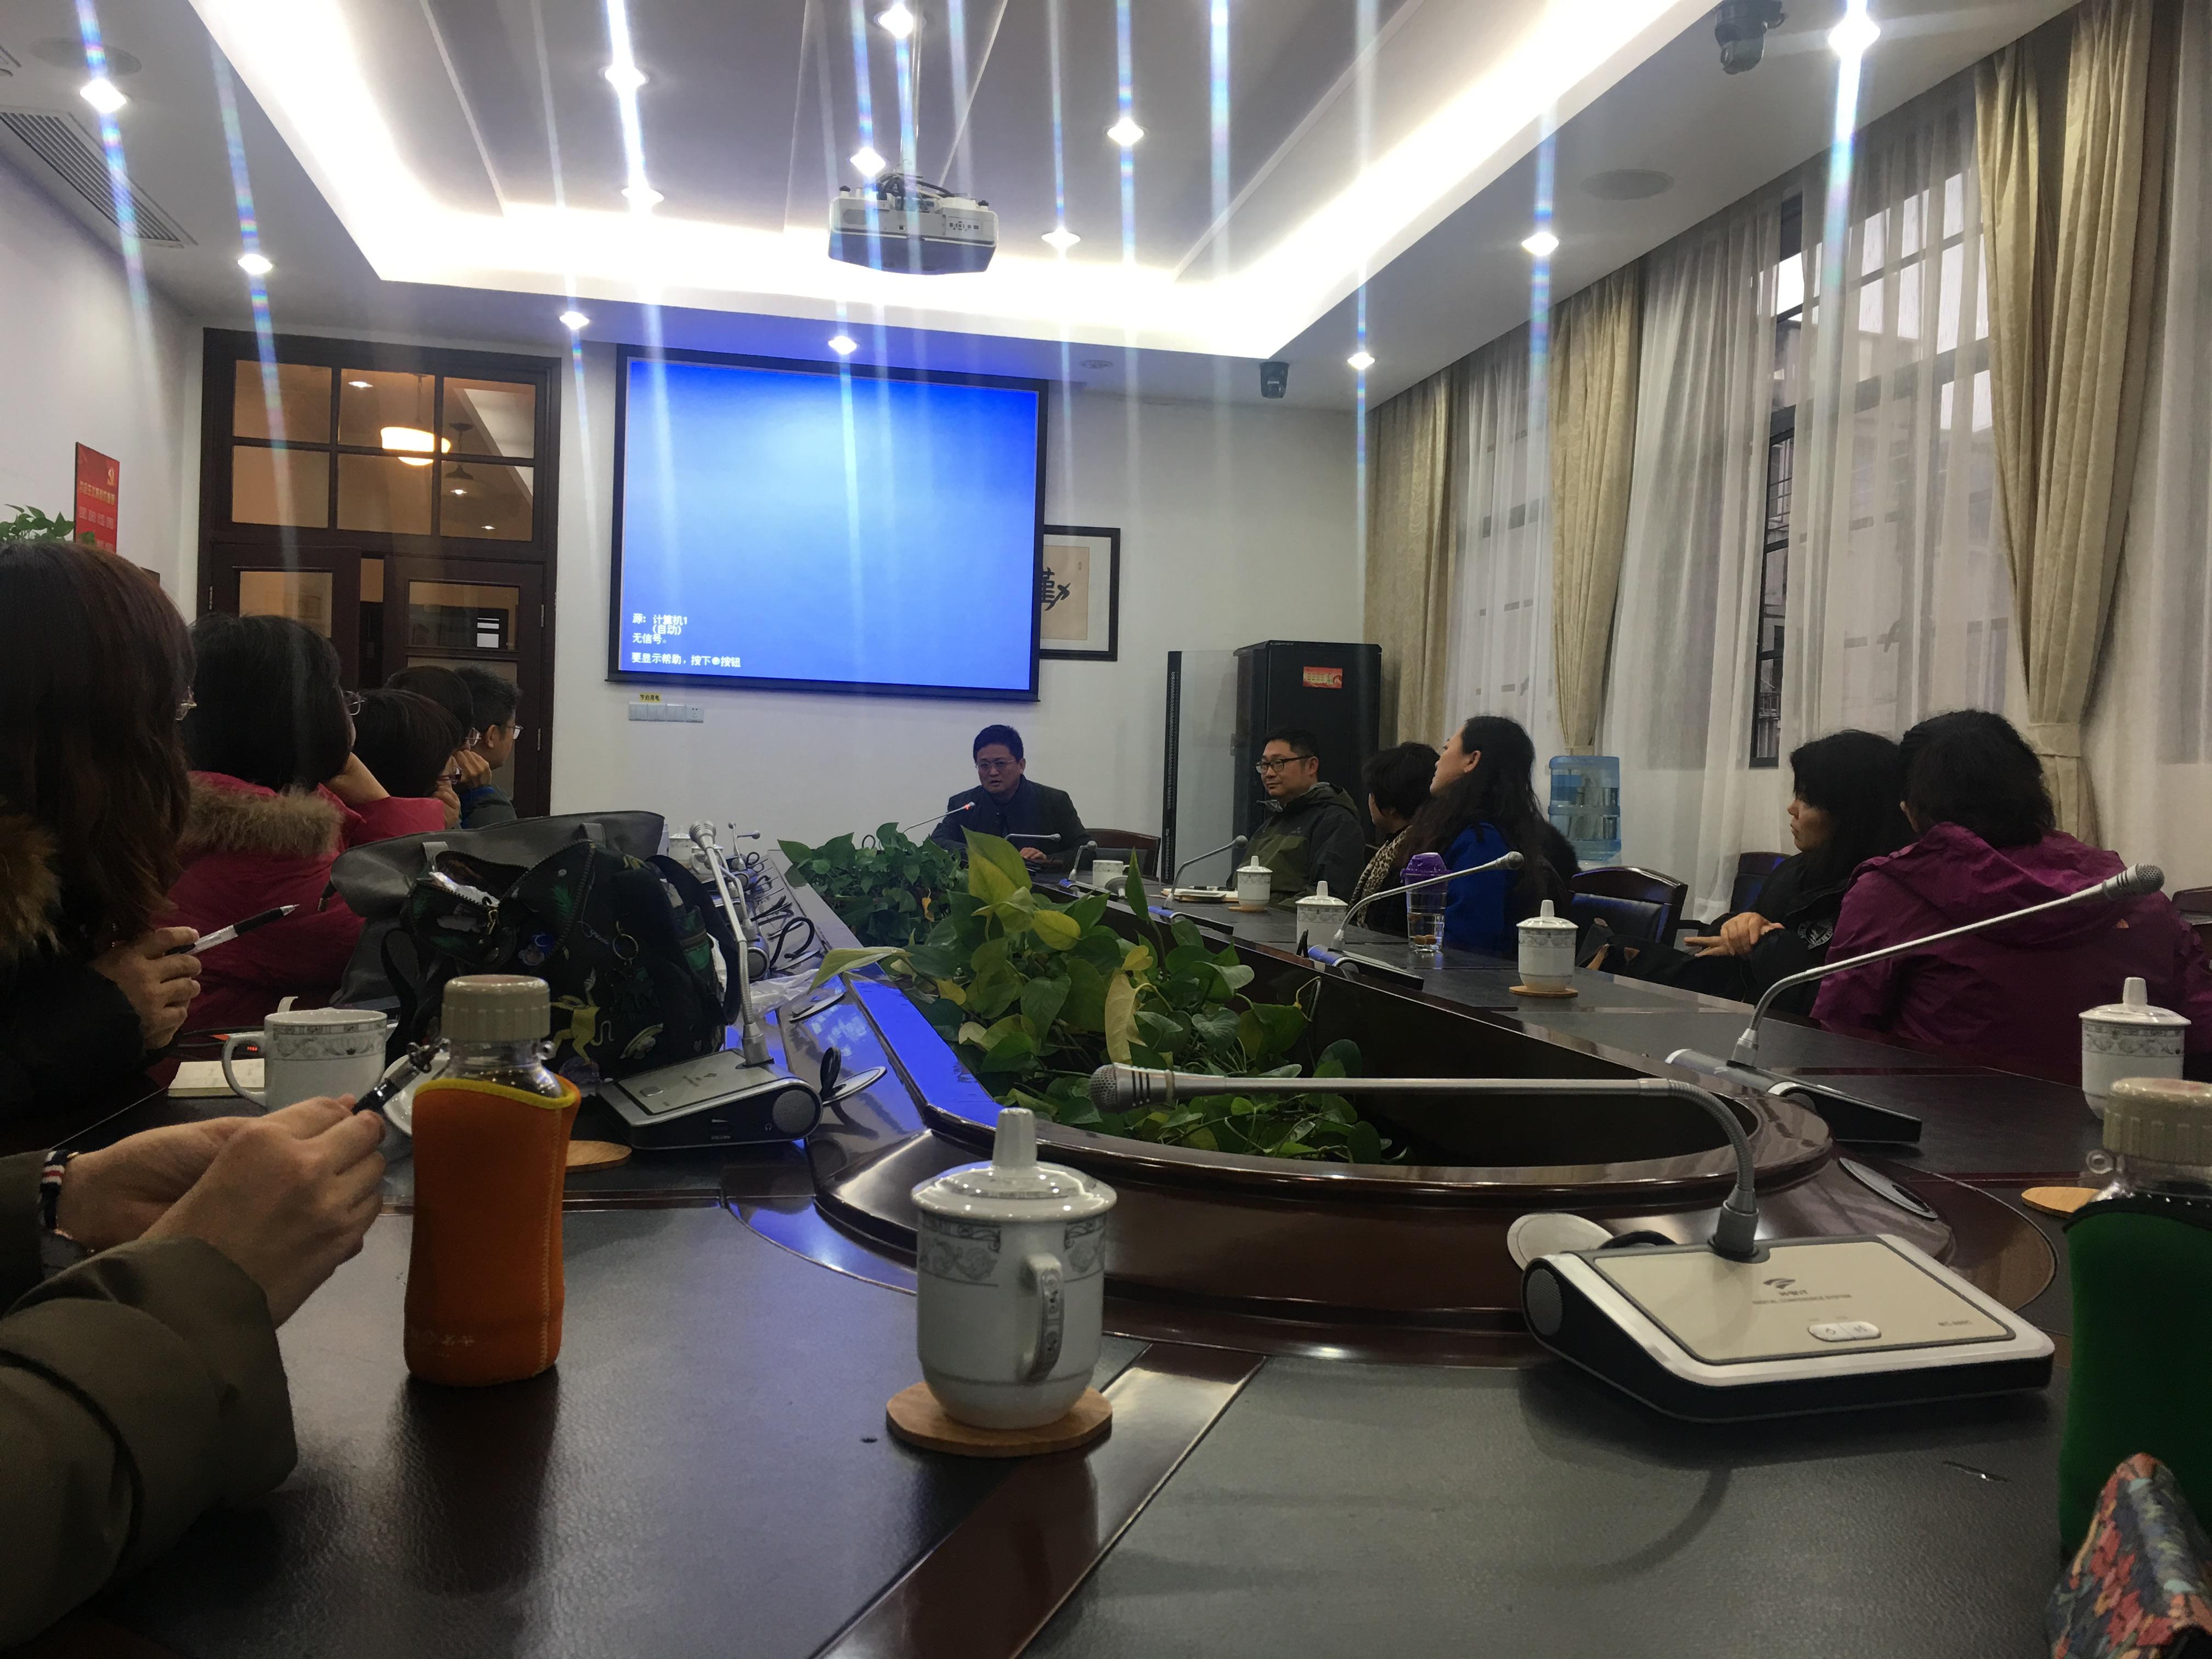 上海二中校长会答老师提出的问题.jpg